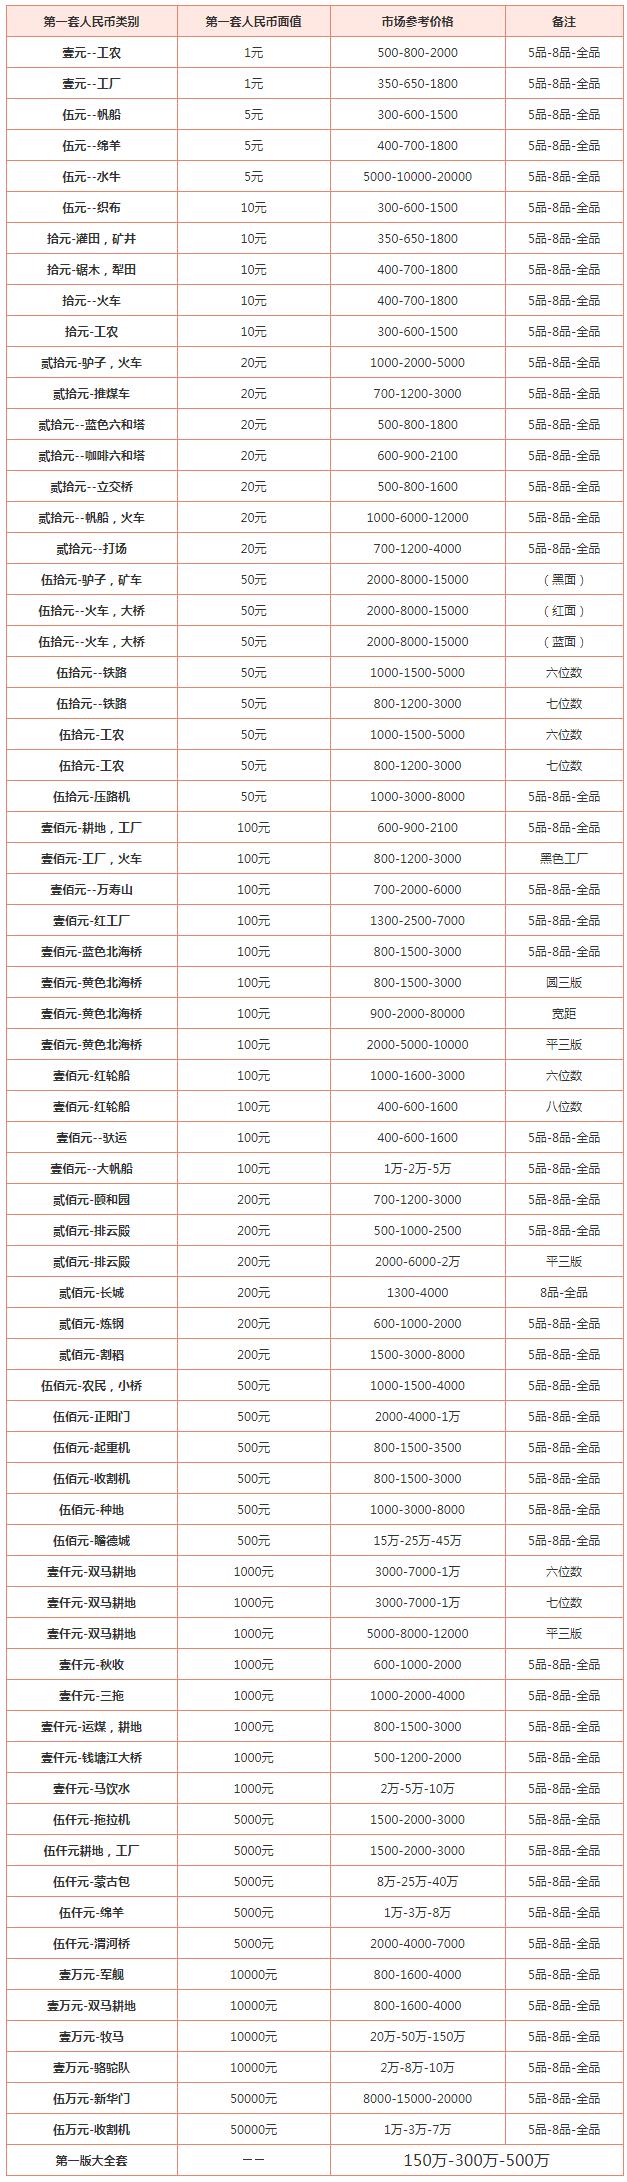 一版纸币回收价格值多少钱 一版纸币回收最新价格表2020